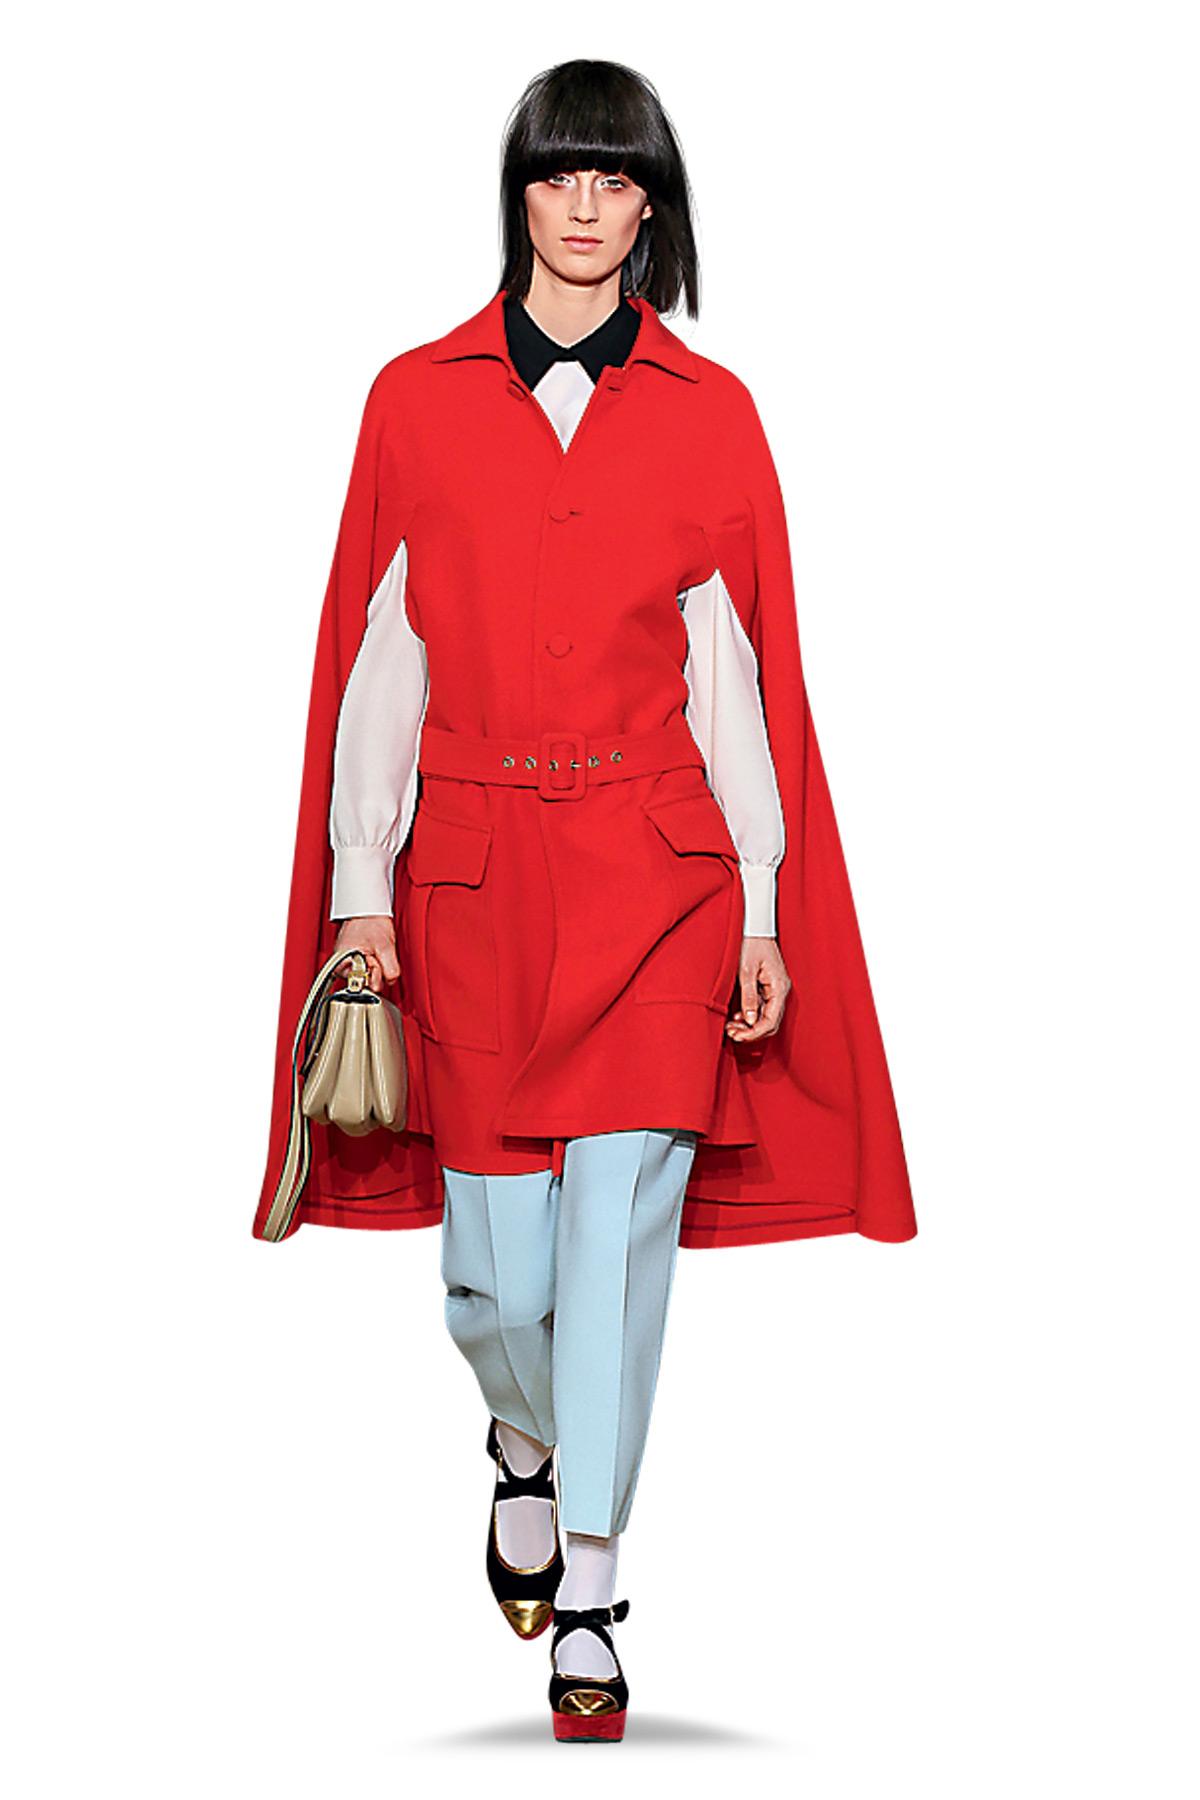 Женский костюм для лыж с доставкой